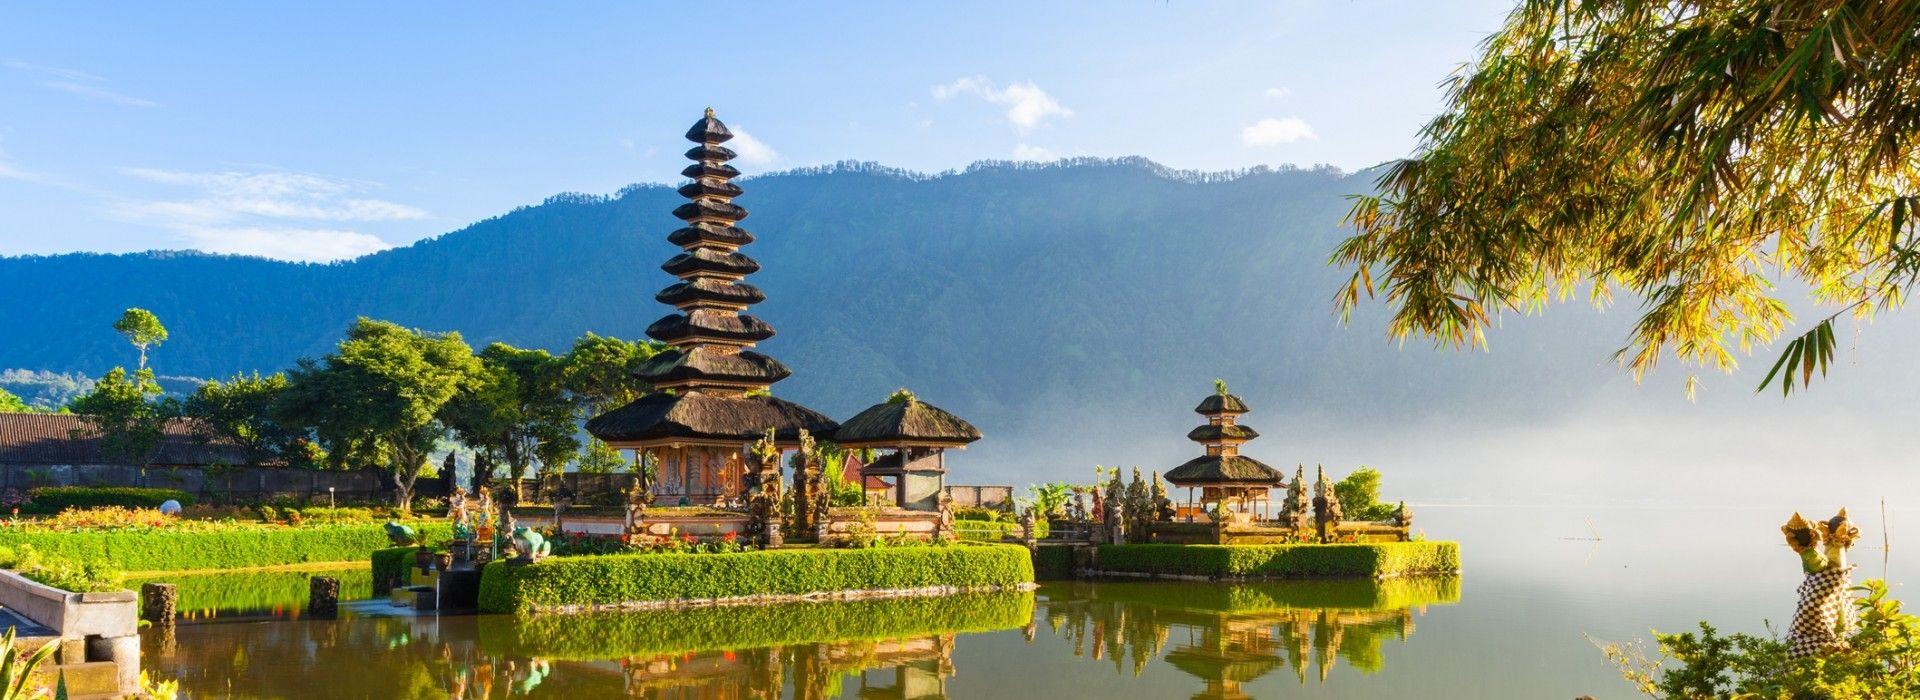 Mountain biking Tours in Bali